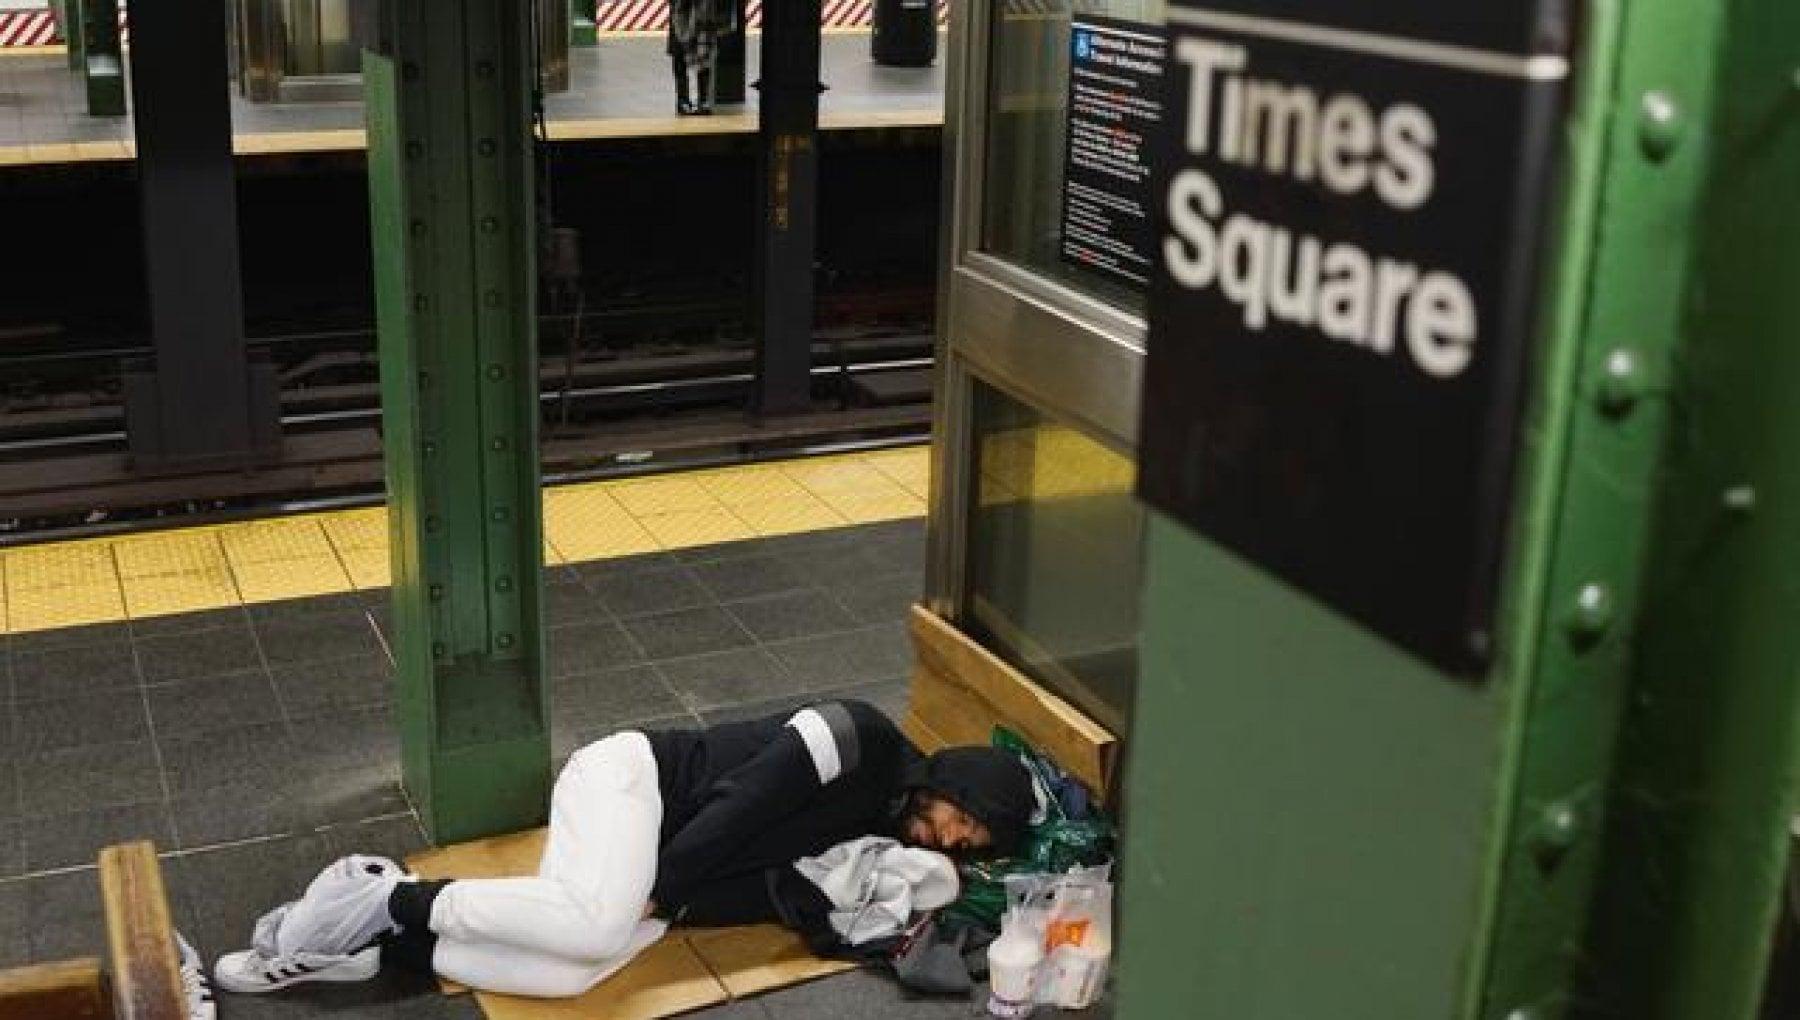 184909542 65871aec ed39 4712 bb86 3f0cf59861a4 - New York, torna il turismo. E gli alberghi sloggiano i senzatetto